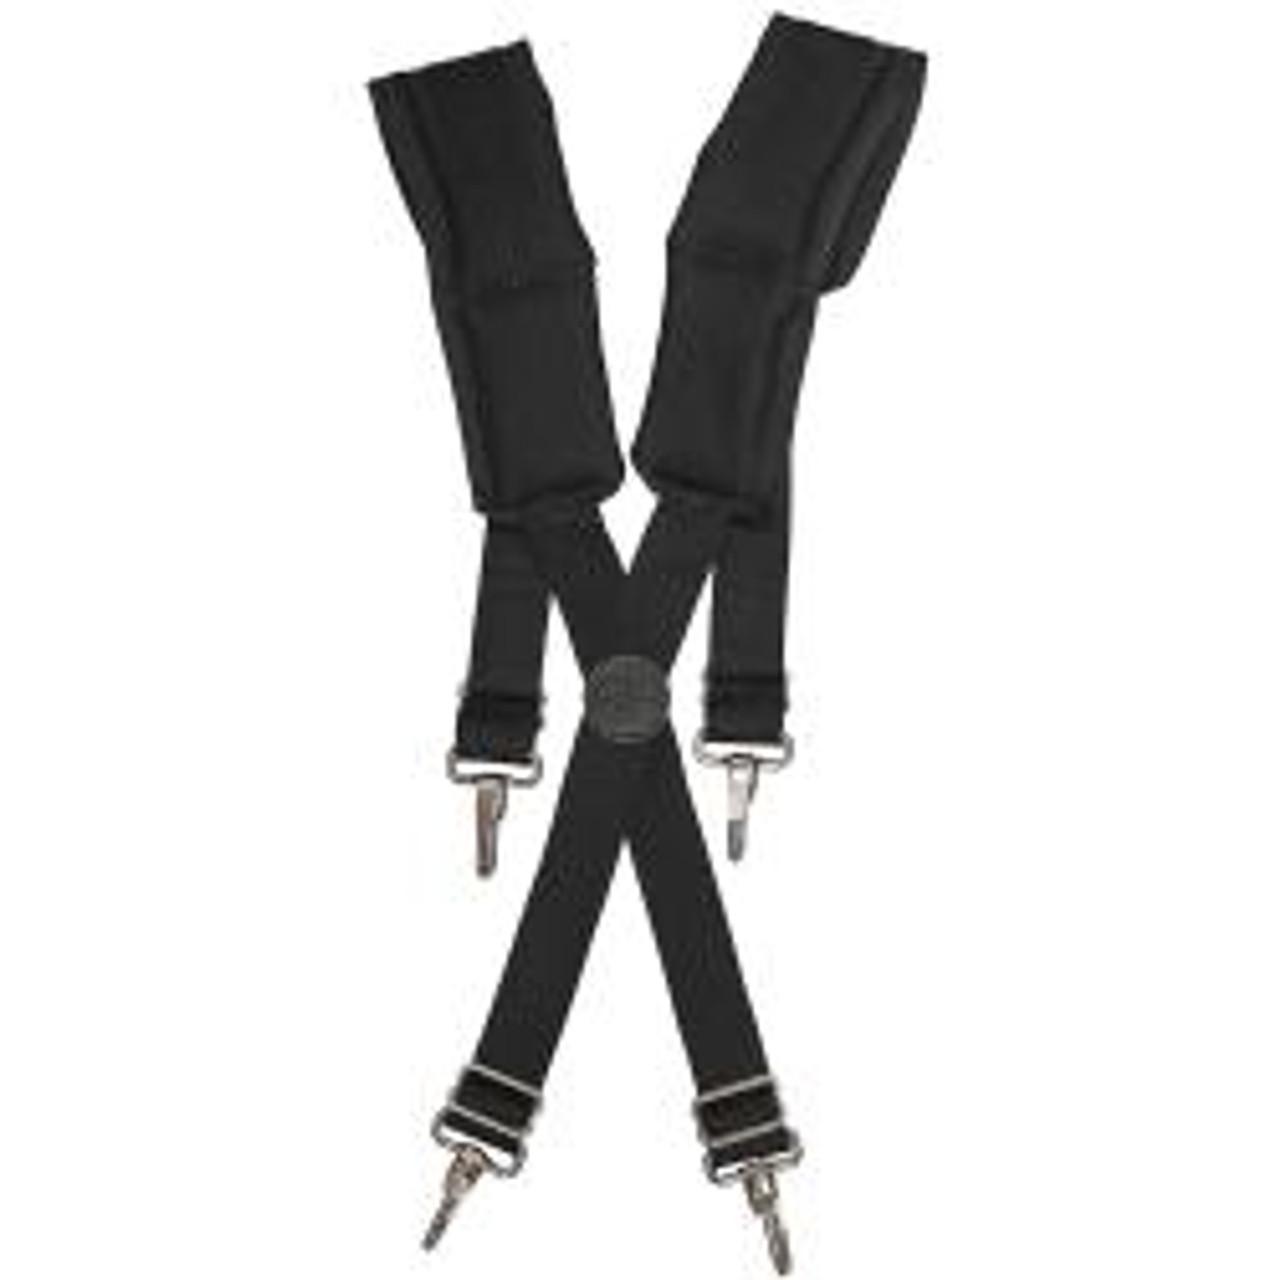 Klein 55400 Tradesman Pro Suspenders